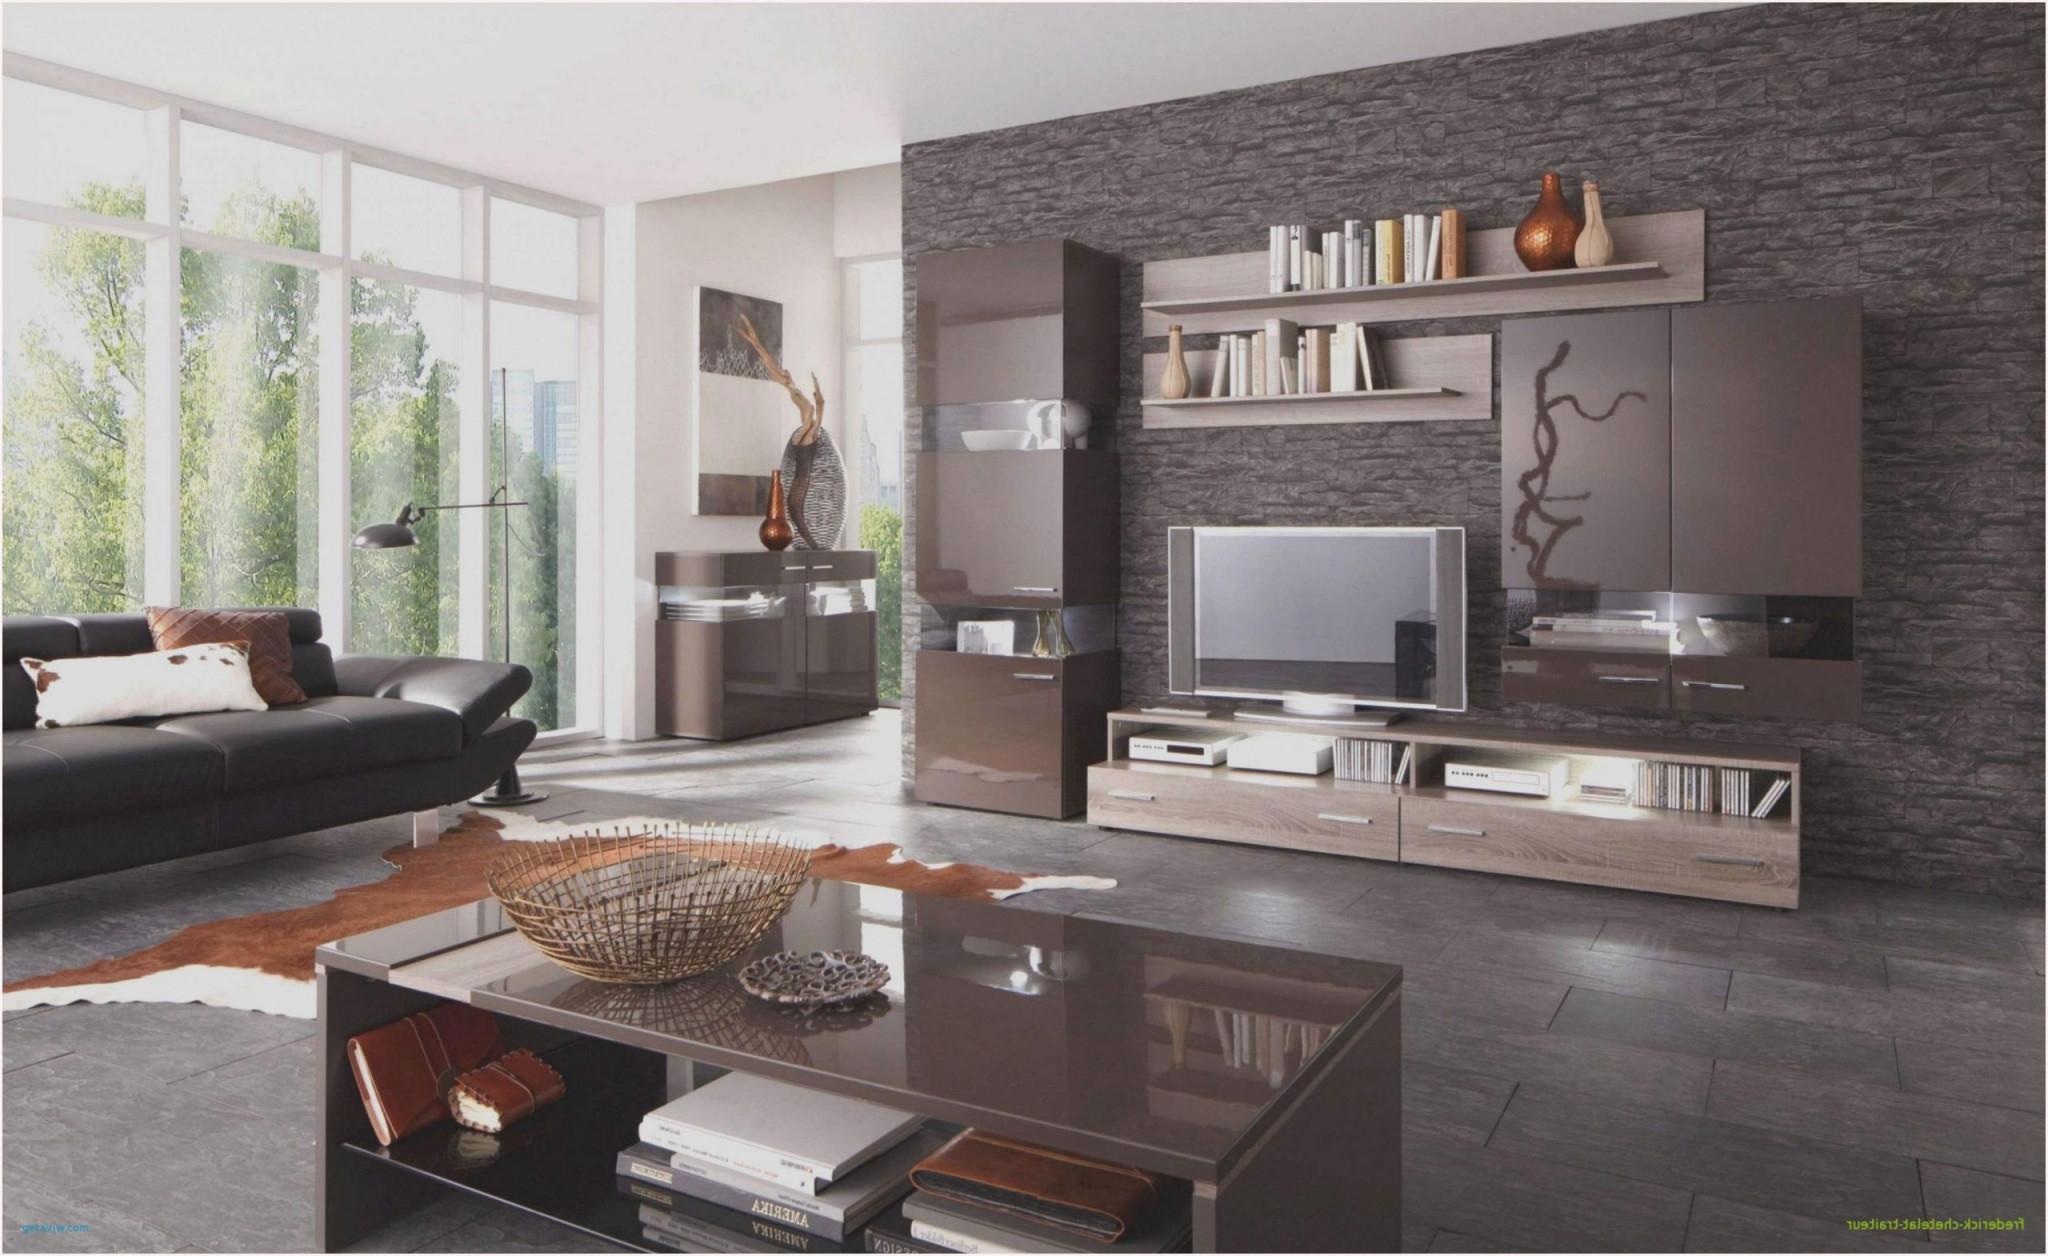 Dekorative Bilder Wohnzimmer  Wohnzimmer  Traumhaus von Dekorative Bilder Wohnzimmer Bild